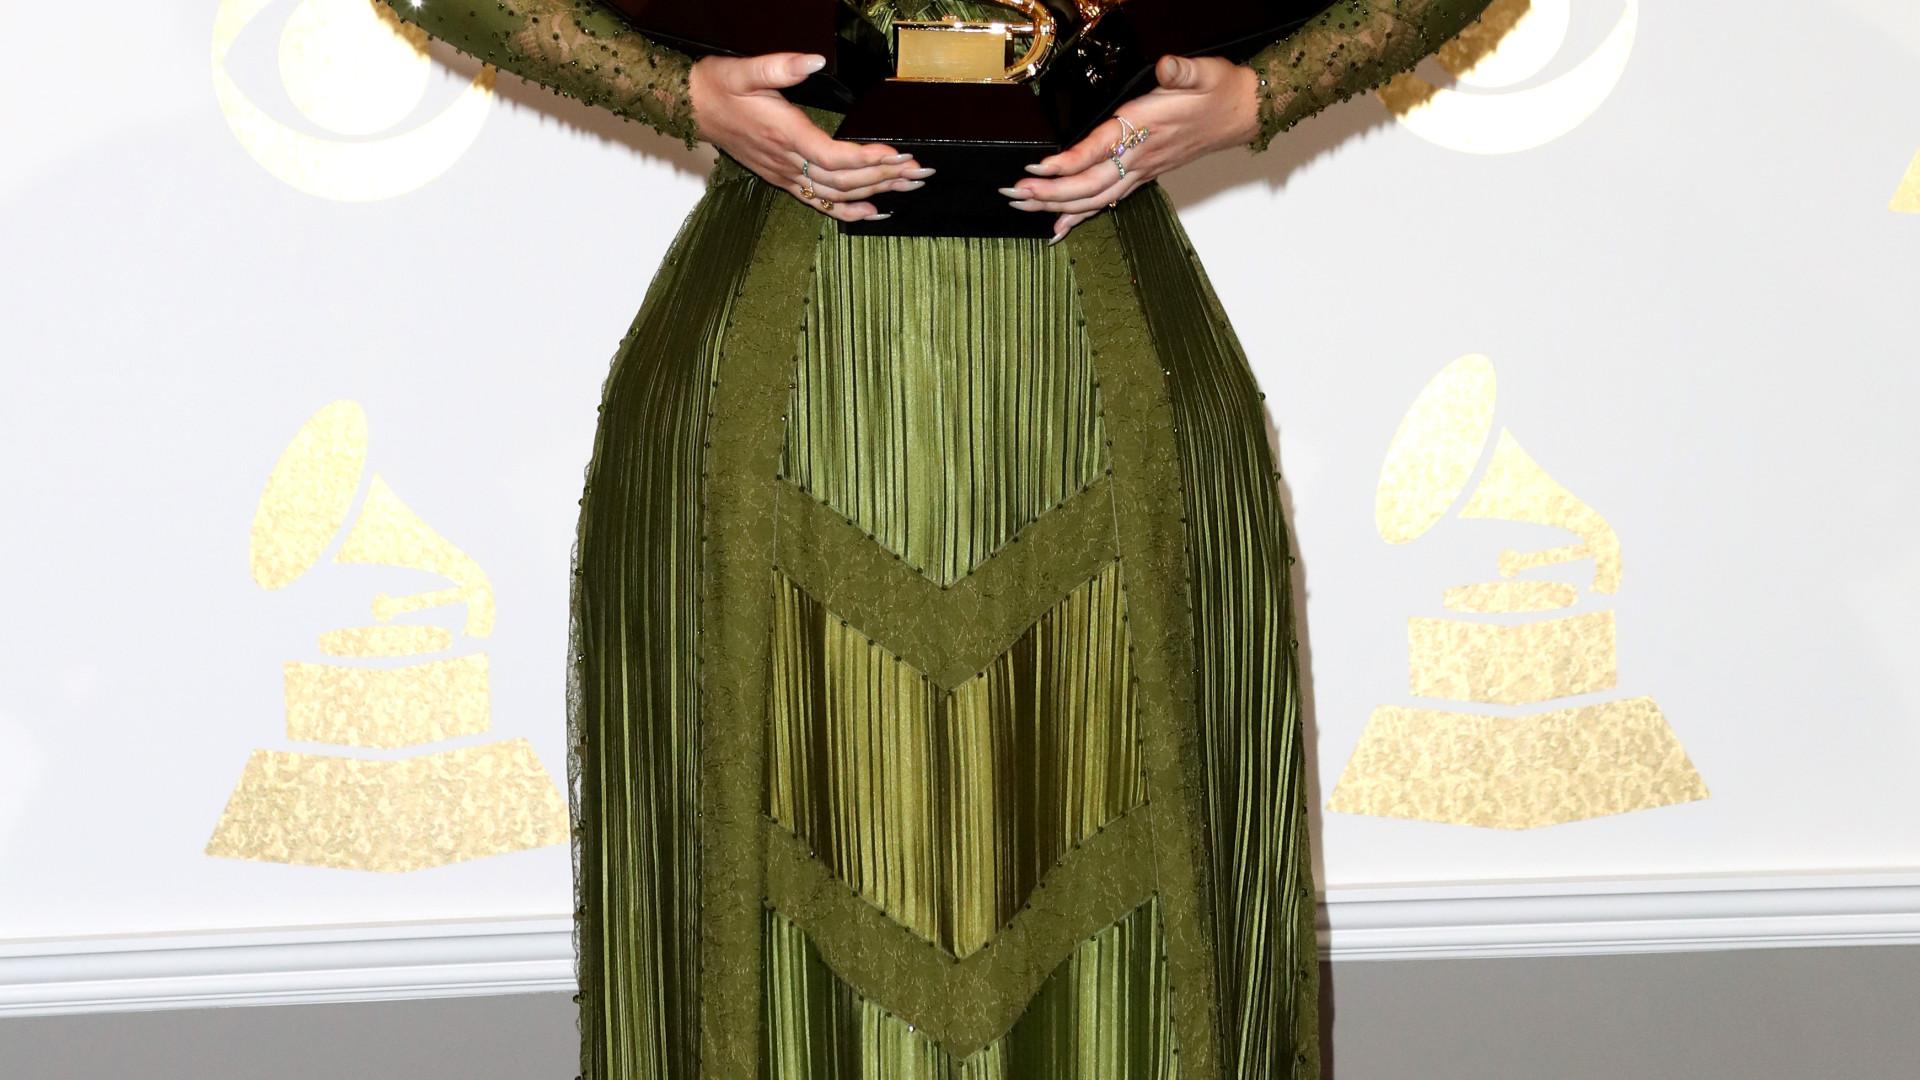 Sem discos e concertos, eis o valor que Adele arrecada diariamente